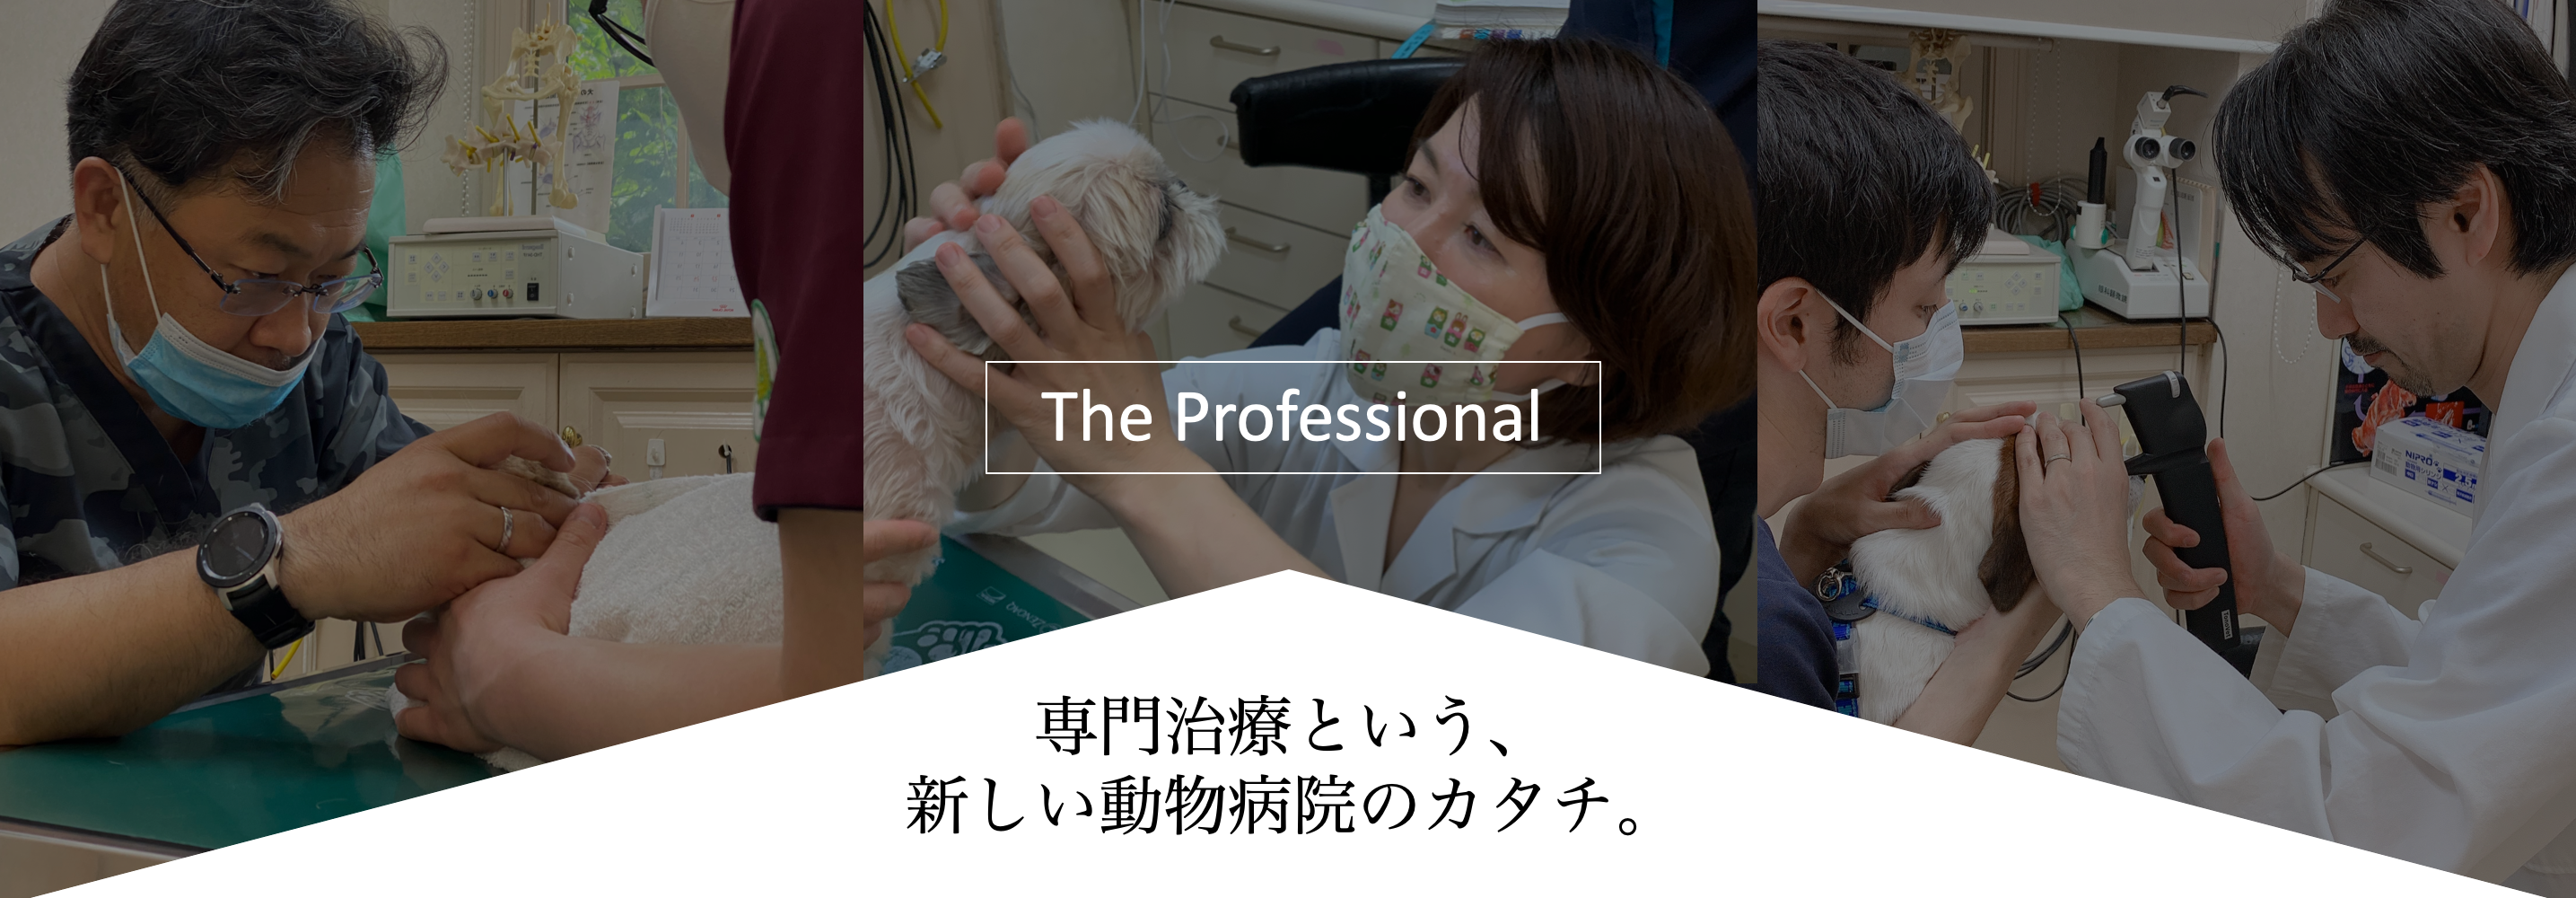 りんごの樹動物病院 | 愛知県安城市の動物病院です